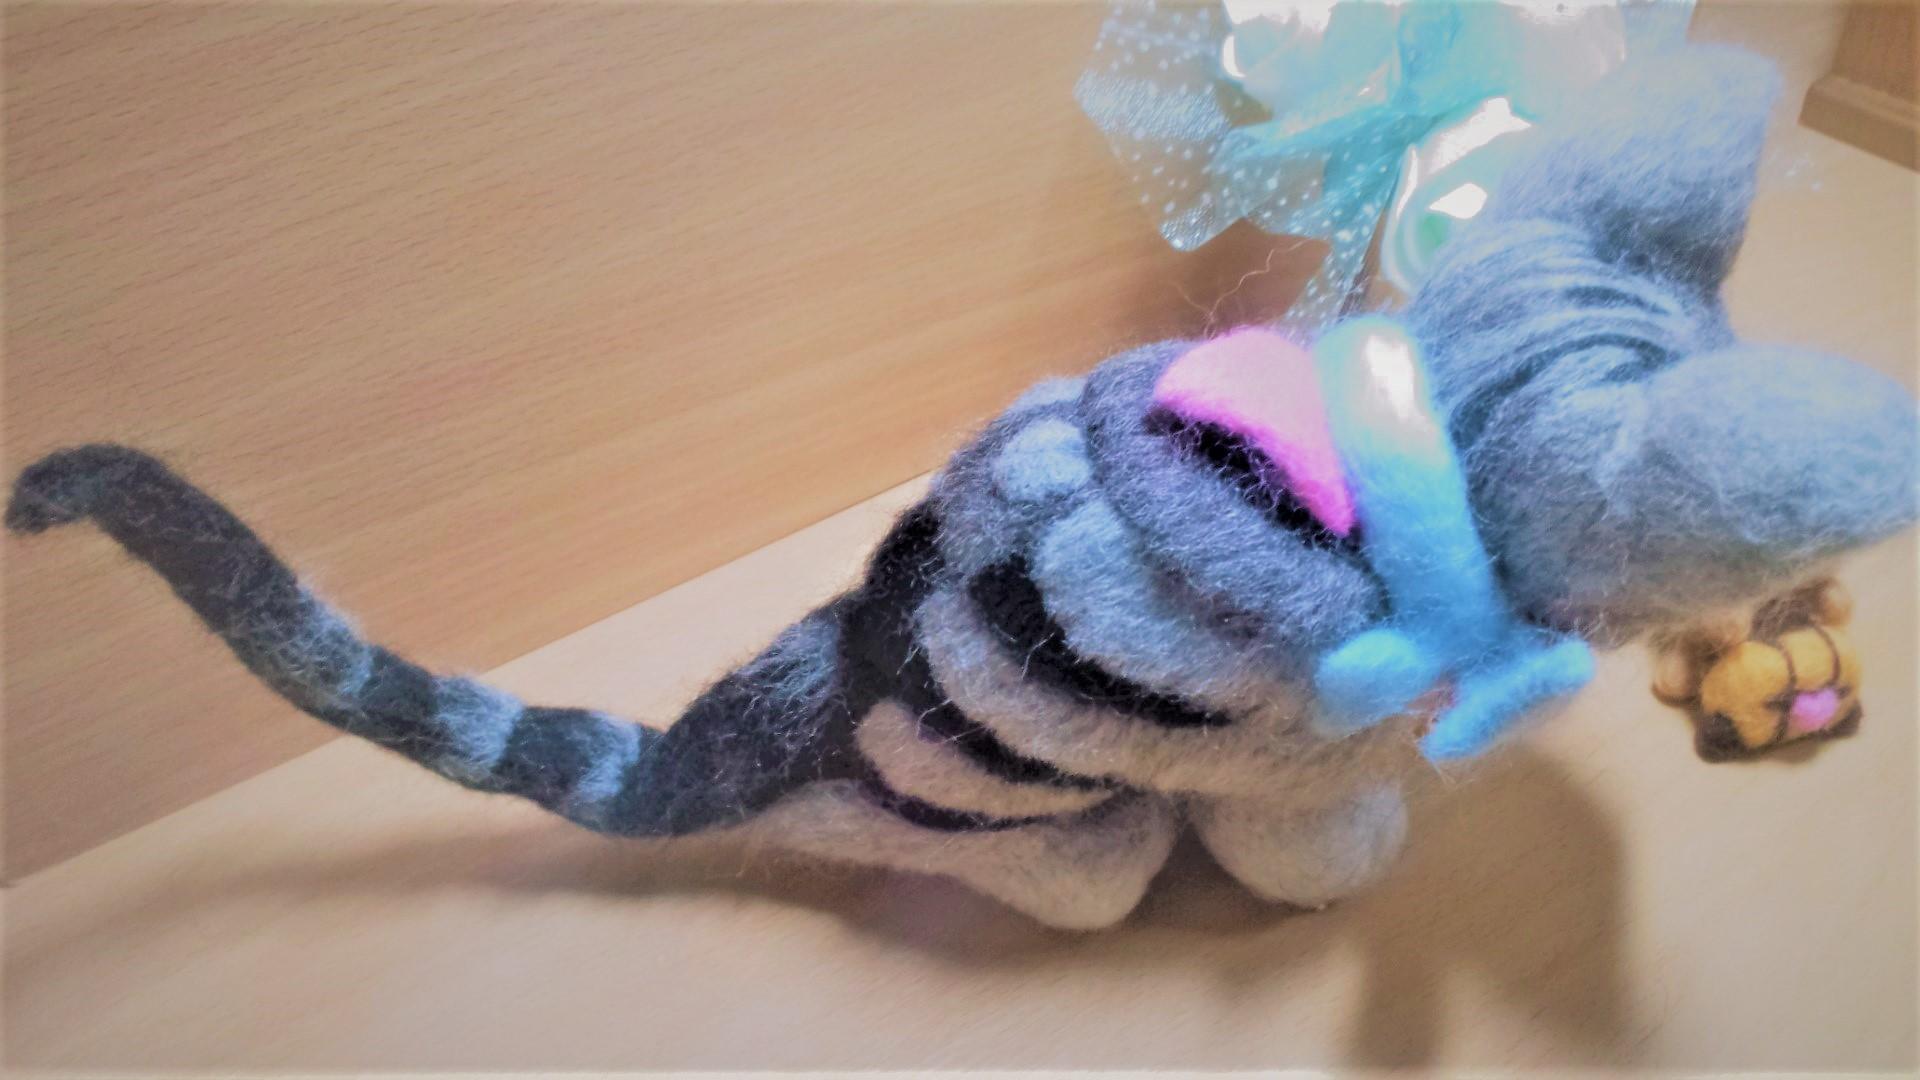 羊毛フェルト ネコちゃんの体の植毛具合